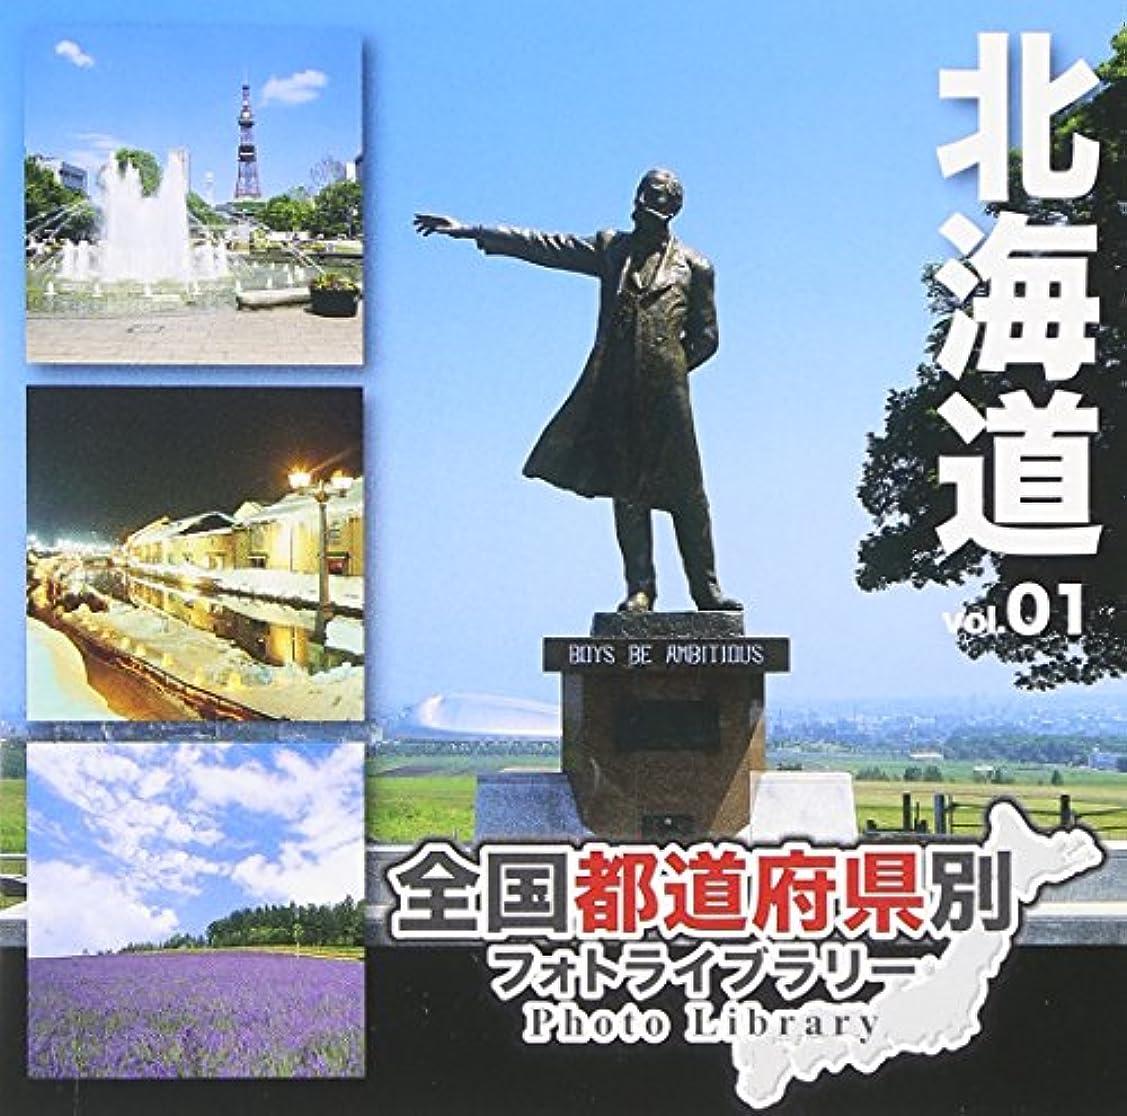 霊失望優越全国都道府県別フォトライブラリー Vol.01 北海道